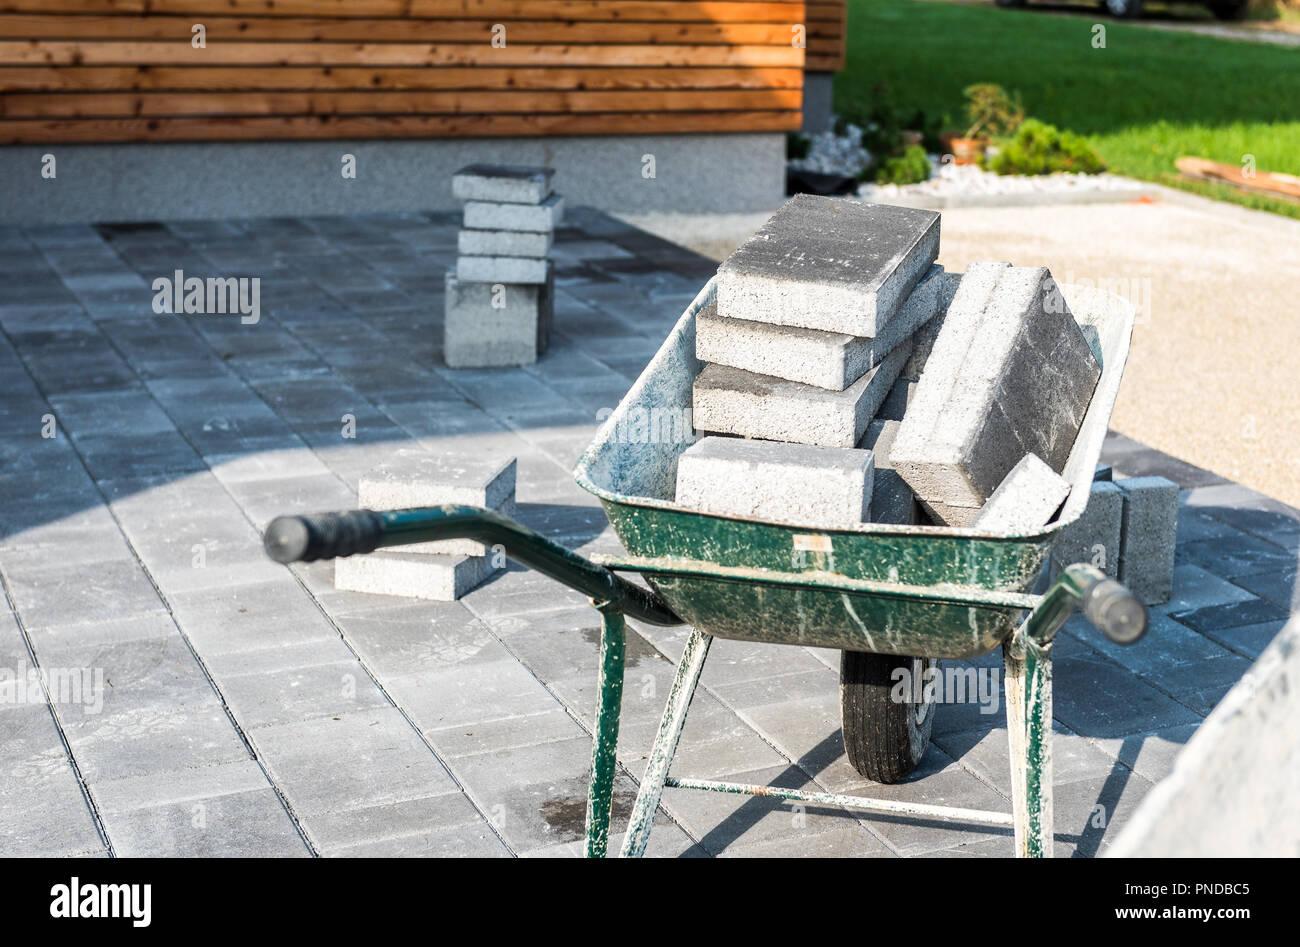 Festlegung Grauer Beton Pflastersteine In Haus Hof Einfahrt